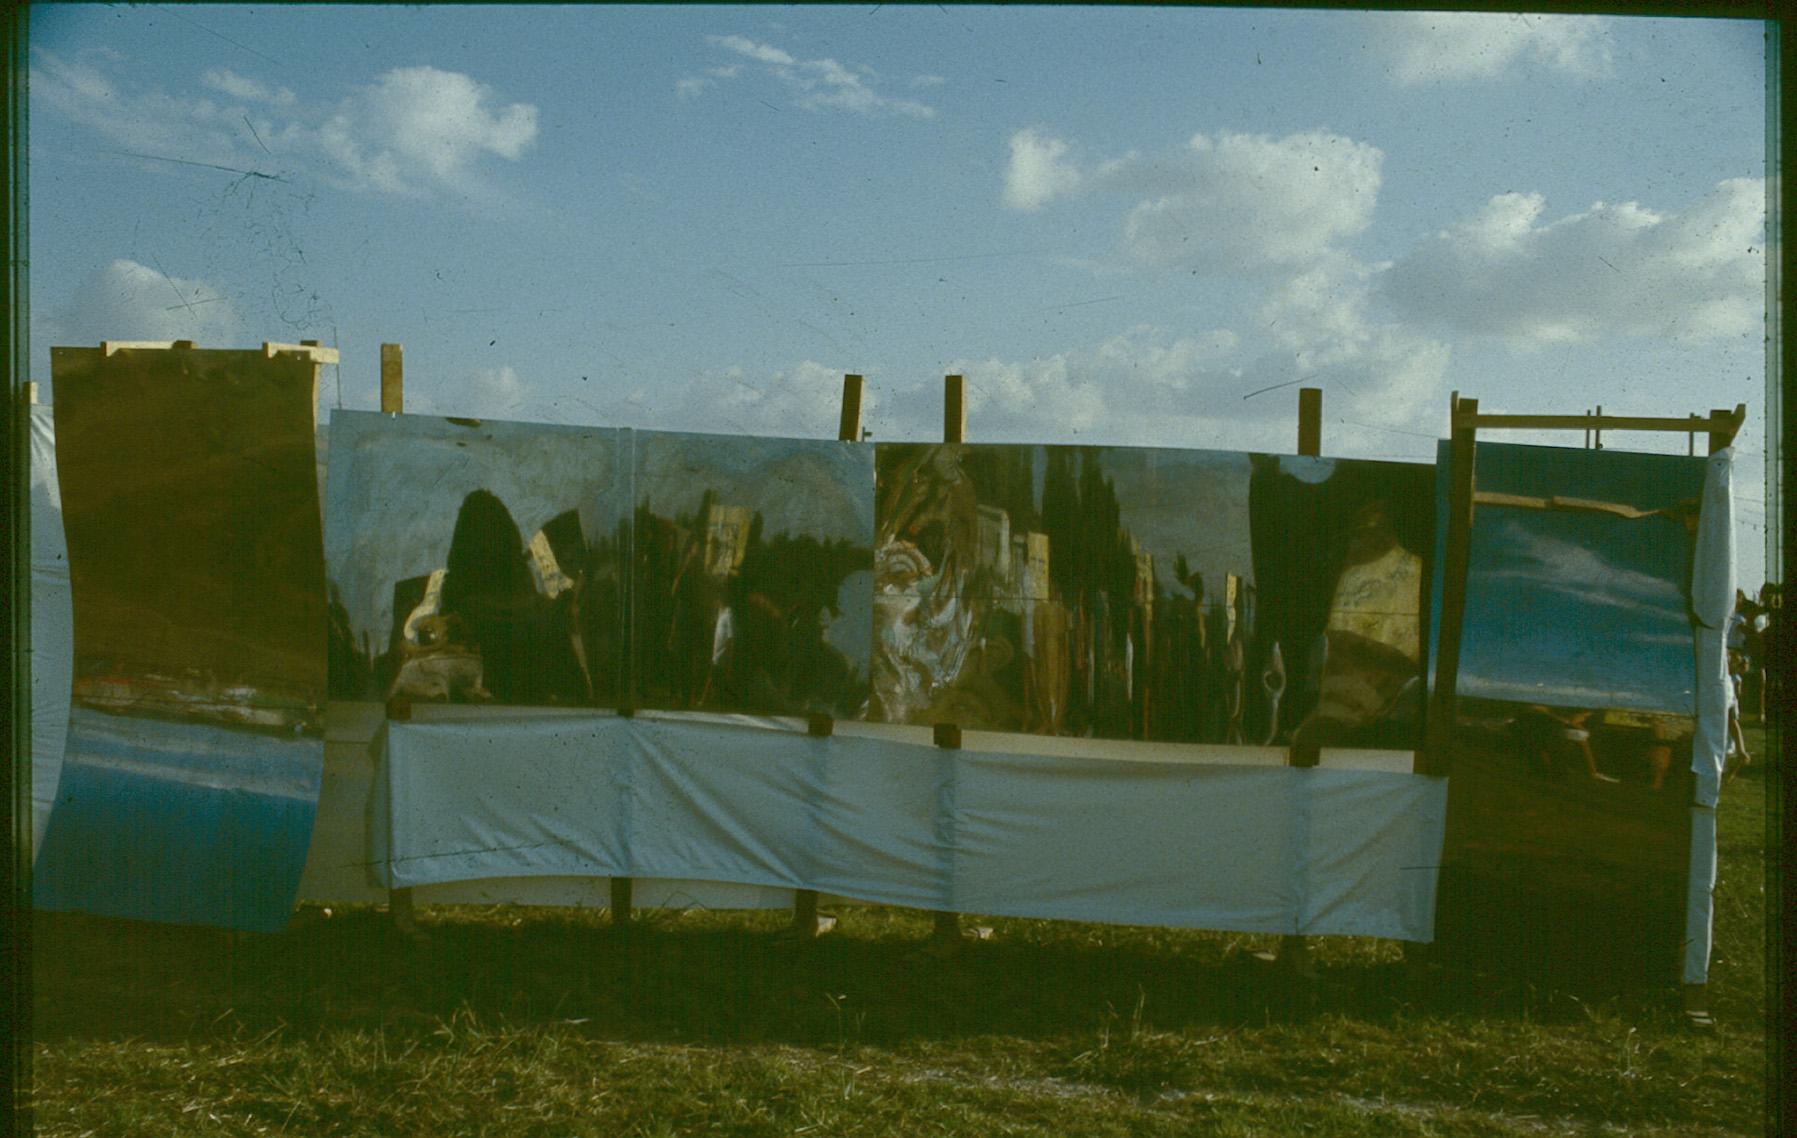 יום הילד 1983-1986